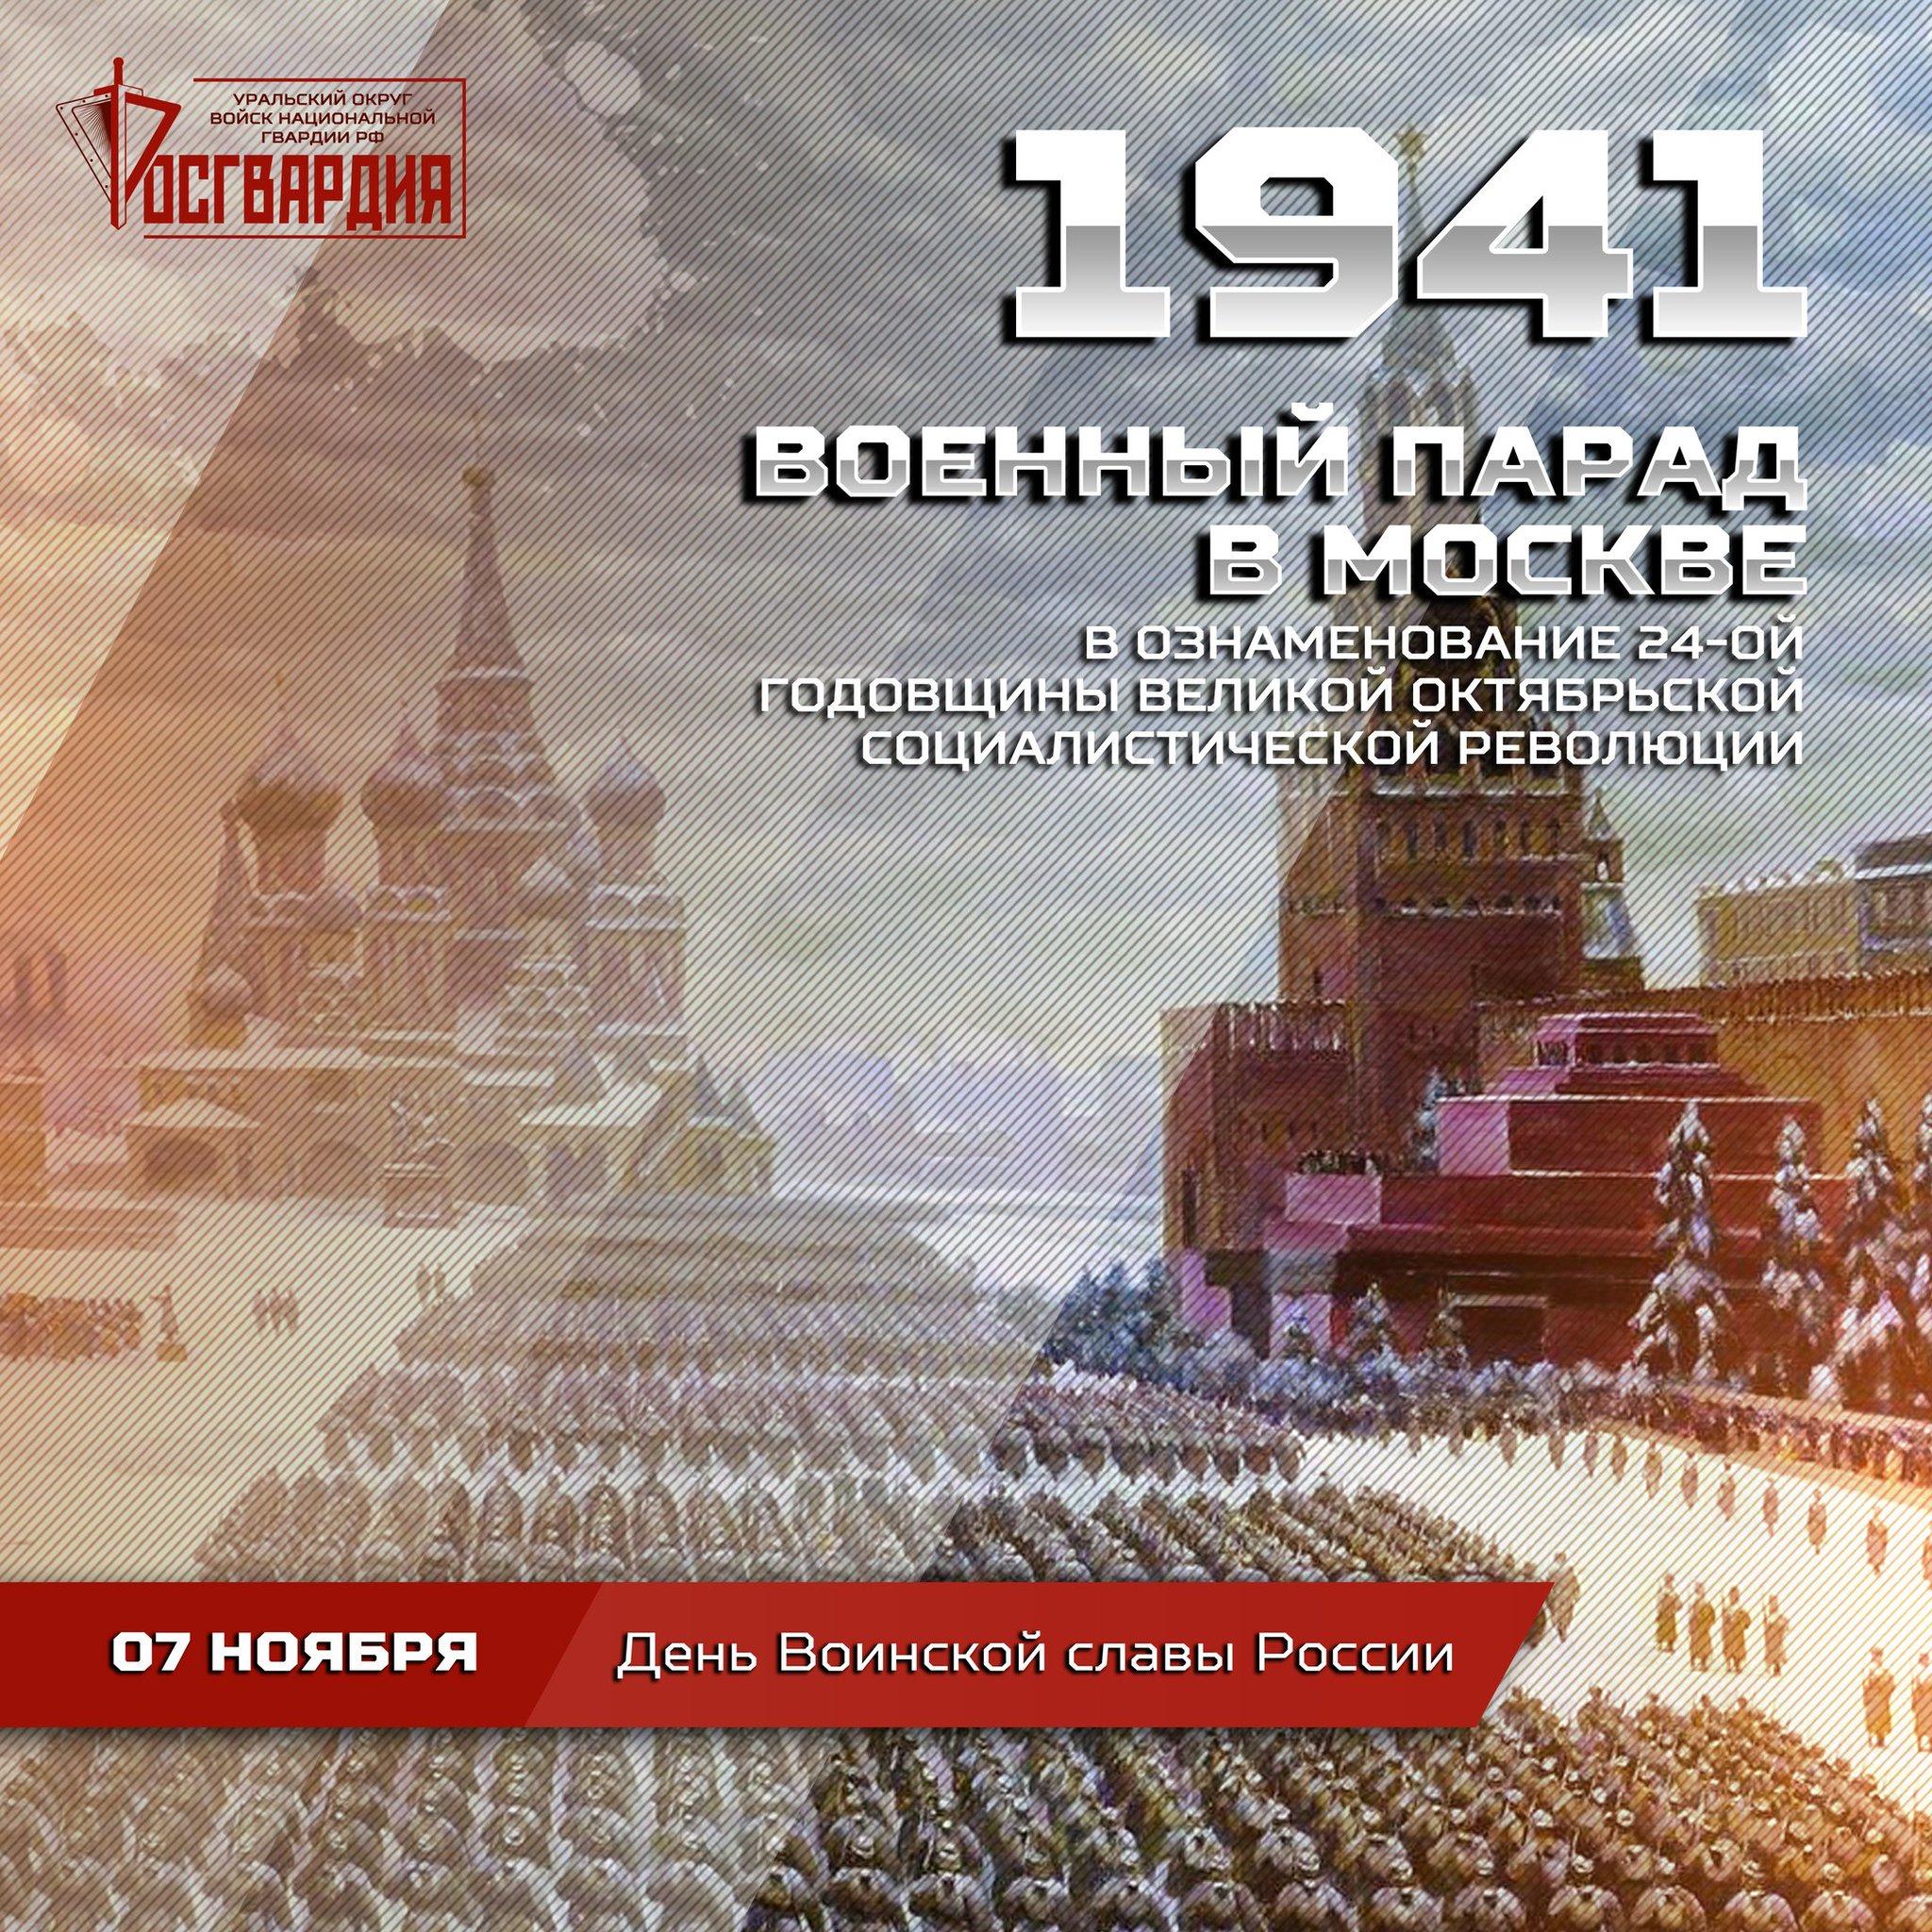 С днем воинской славы россии картинки 7 ноября